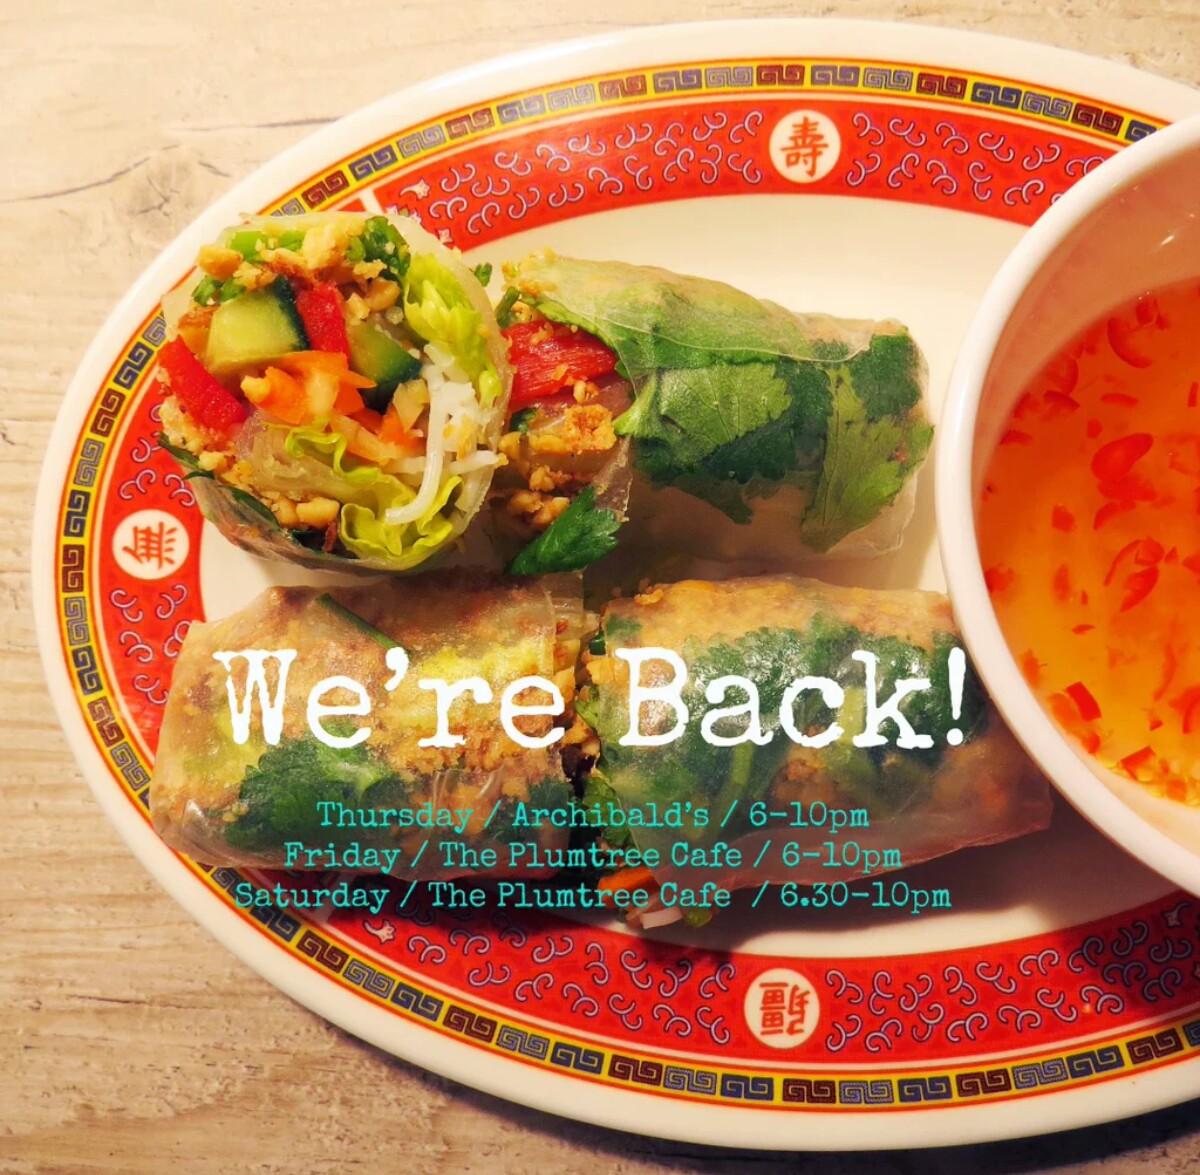 Saigon Street: Delicious Vietnamese PopUp @ Archibald's Cafe